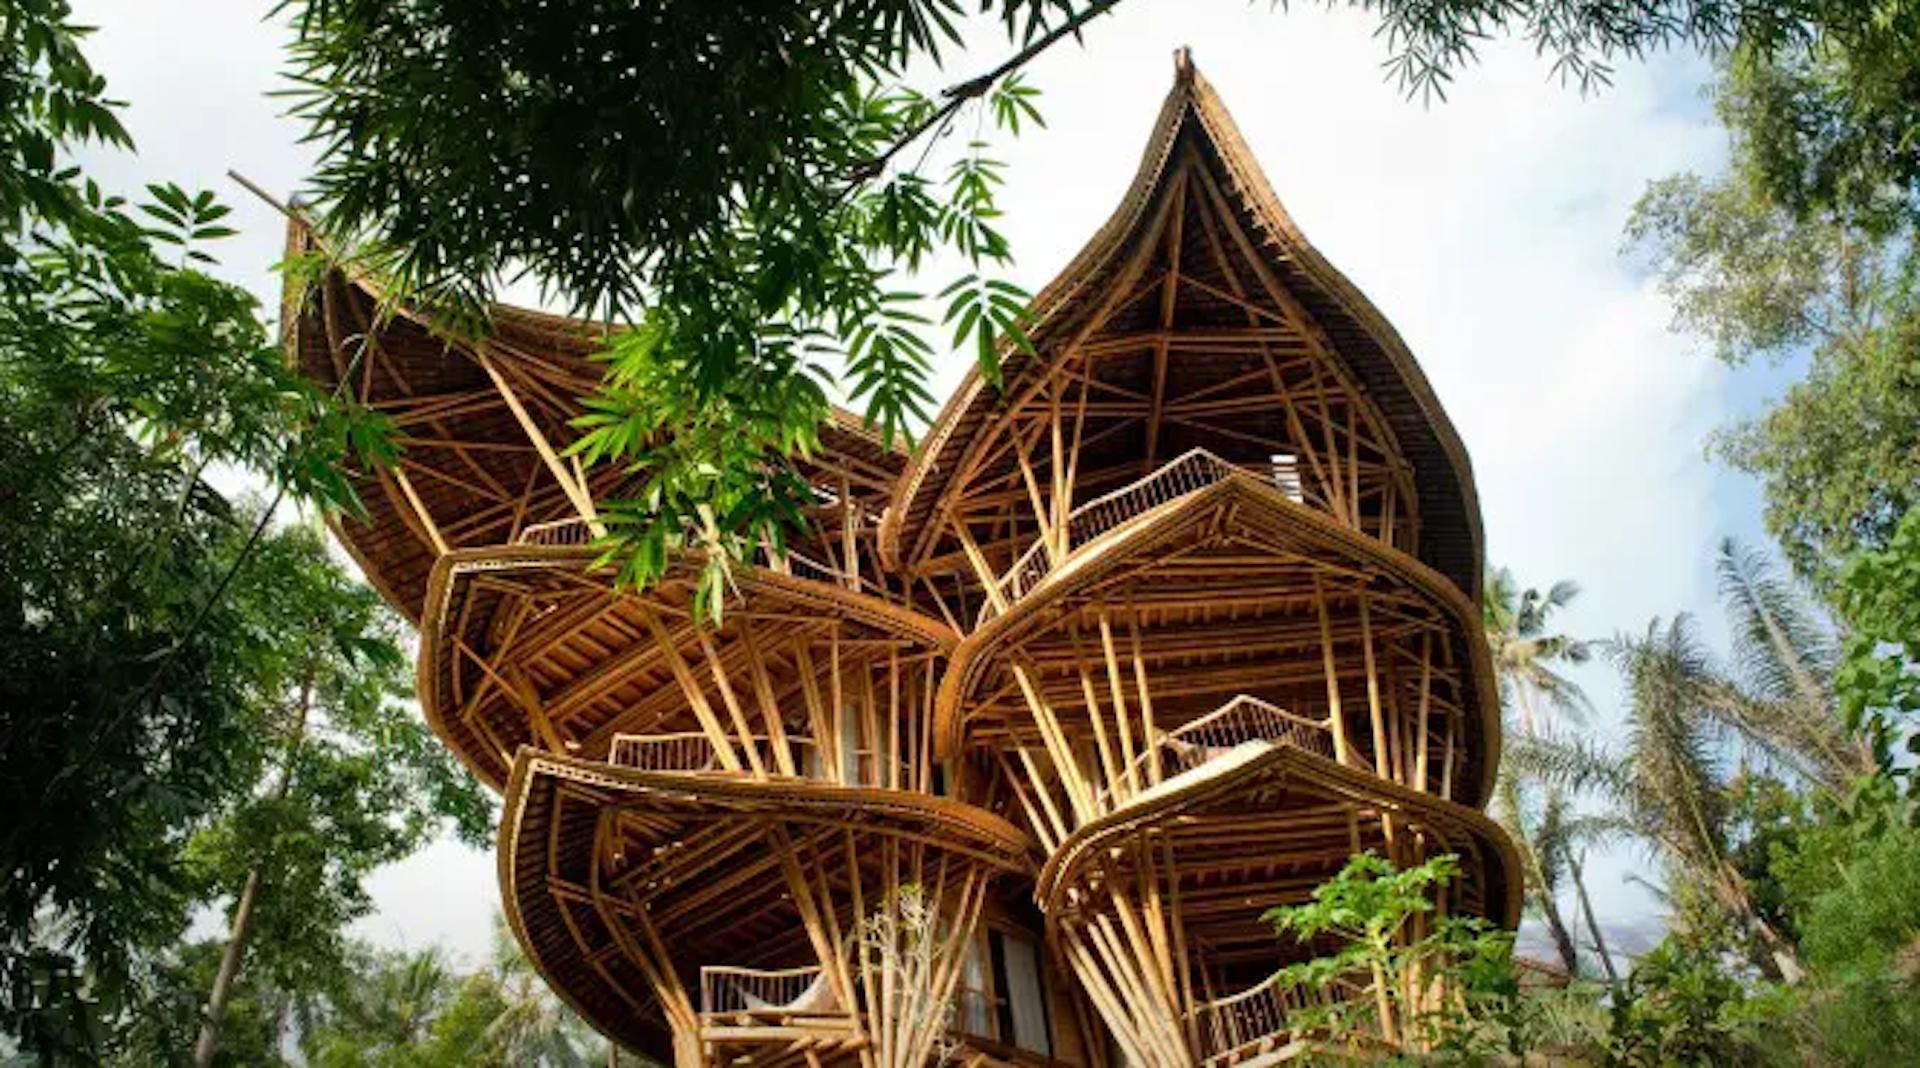 Todo sobre la arquitectura sostenible y sus desafíos en el 2021